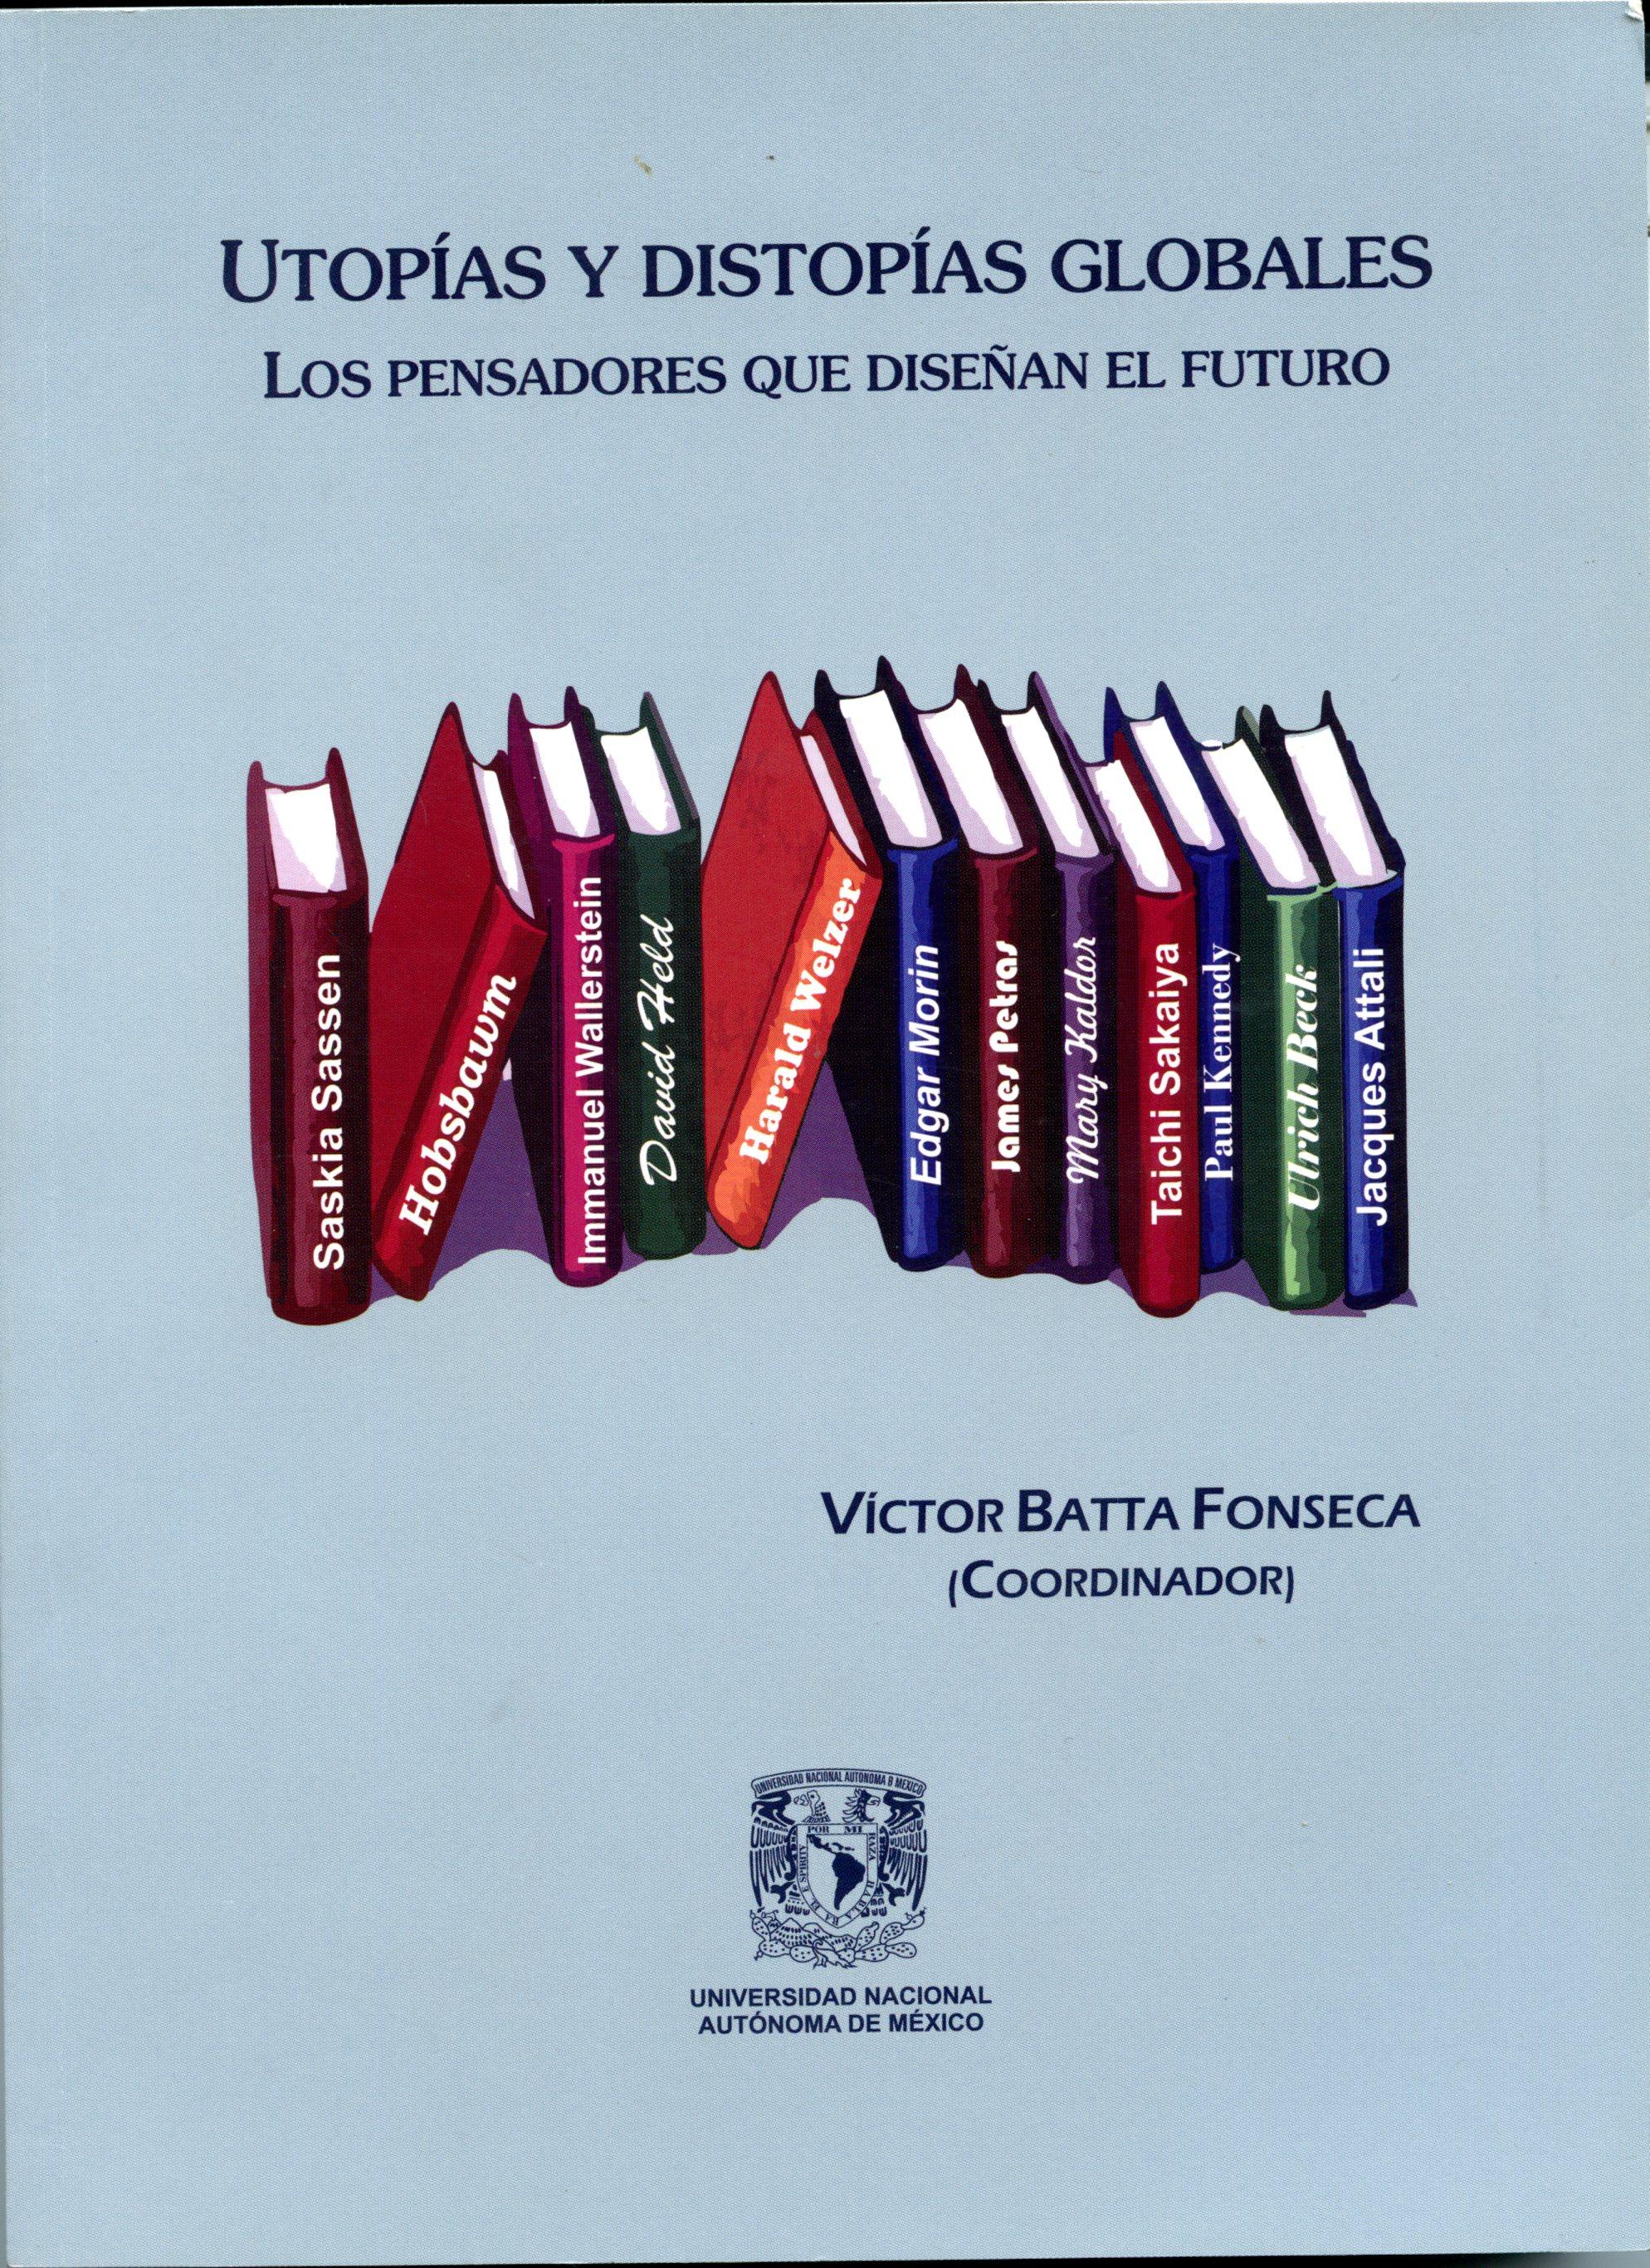 Utopias y distopías globales. Los pensadores que diseñan el futuro